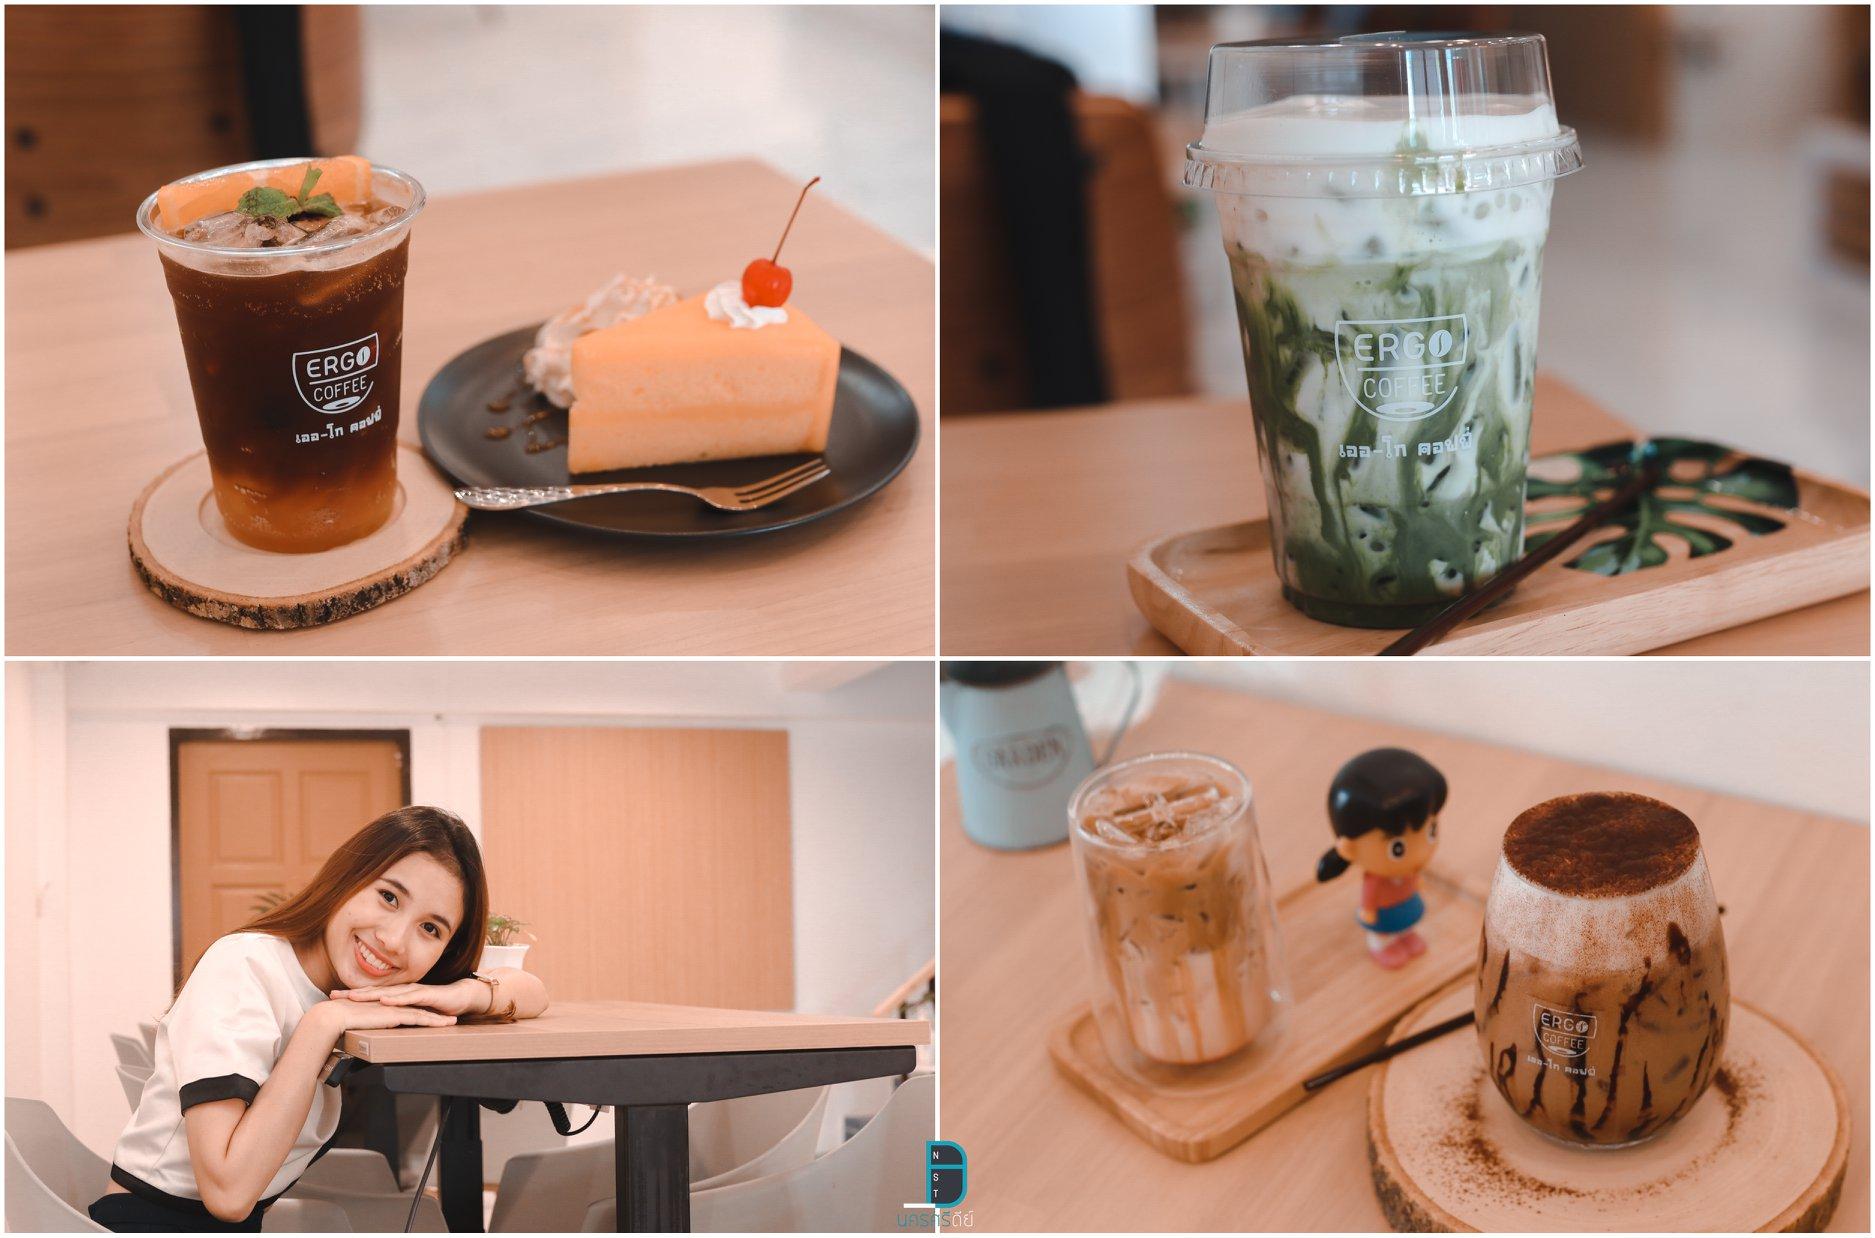 3.-Ergo-Coffee-หน้าพระธาตุ-เครื่องดื่ม-10/10-ของจริง คลิกที่นี่ คาเฟ่,Cafe,นครศรีธรรมราช,2021,2564,ของกิน,จุดเช็คอิน,จุดถ่ายรูป